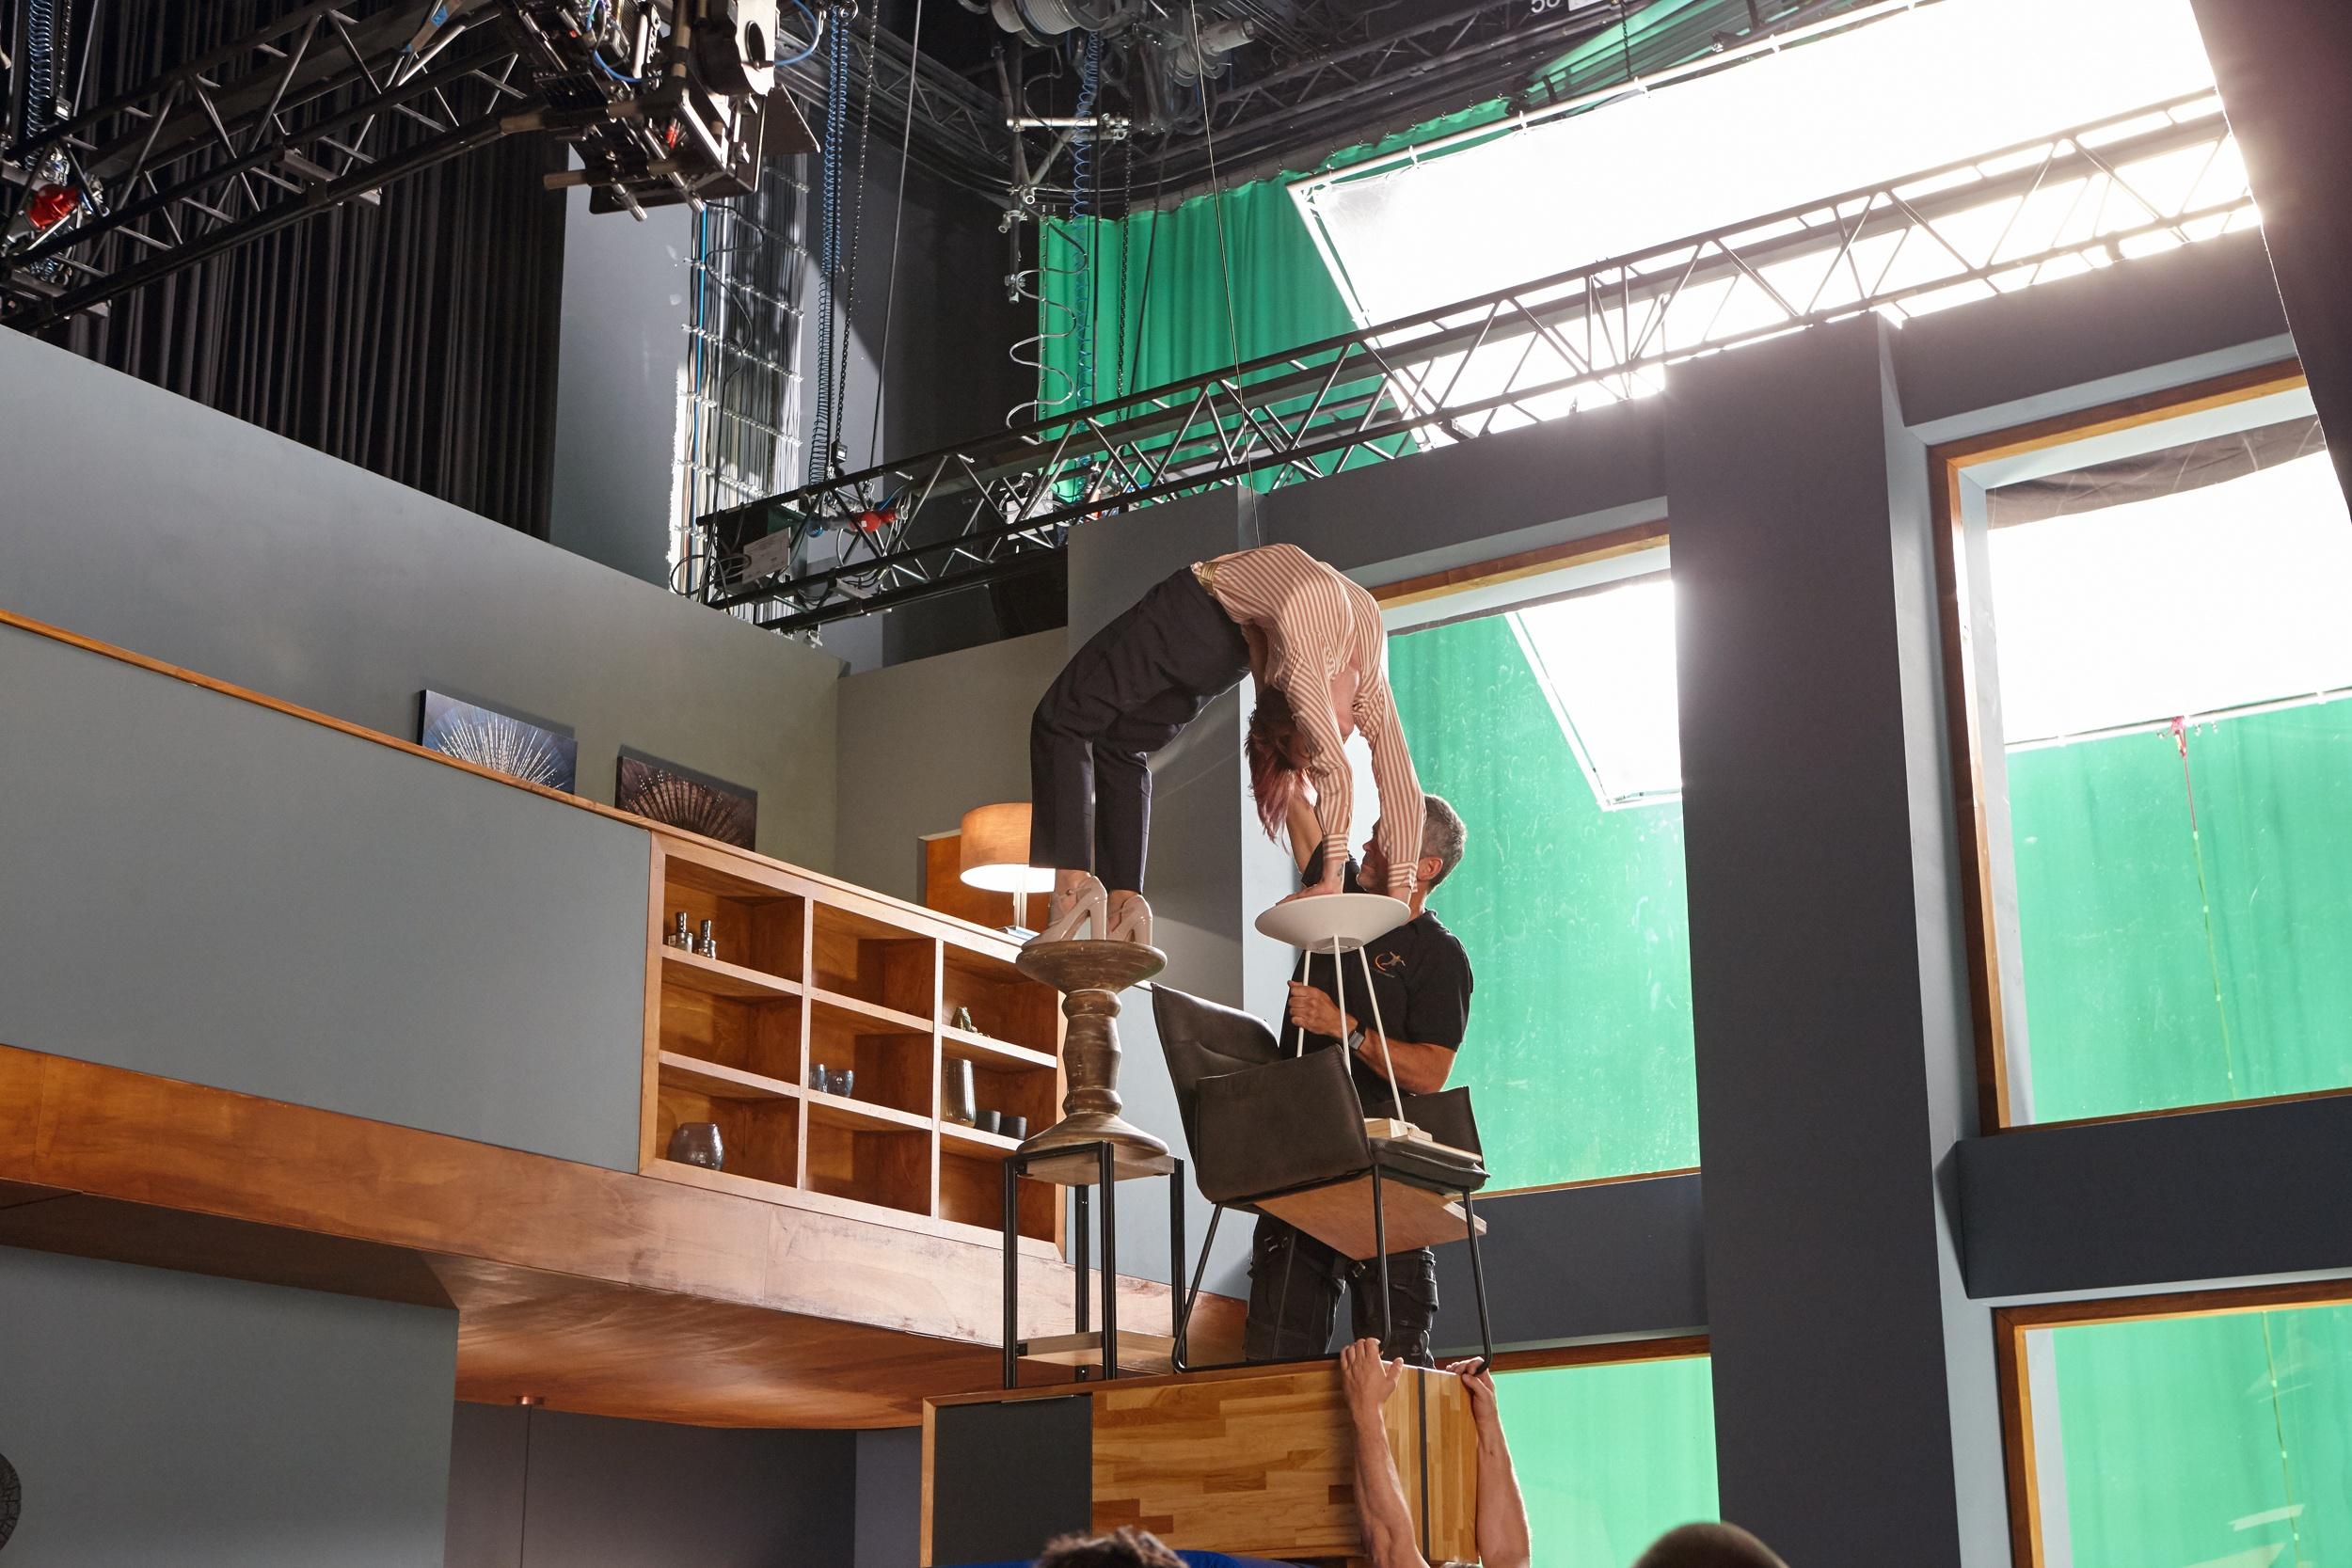 TV-Spot-Making-Of_094.jpg